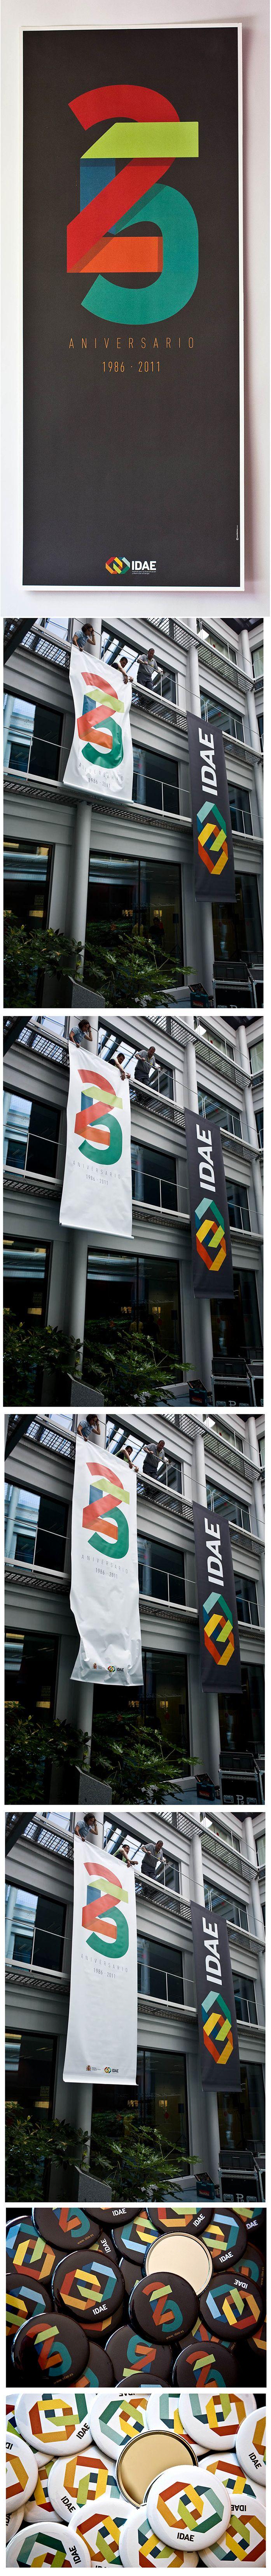 25 aniversario del IDAE instituto de diversificación y ahorro de energía.